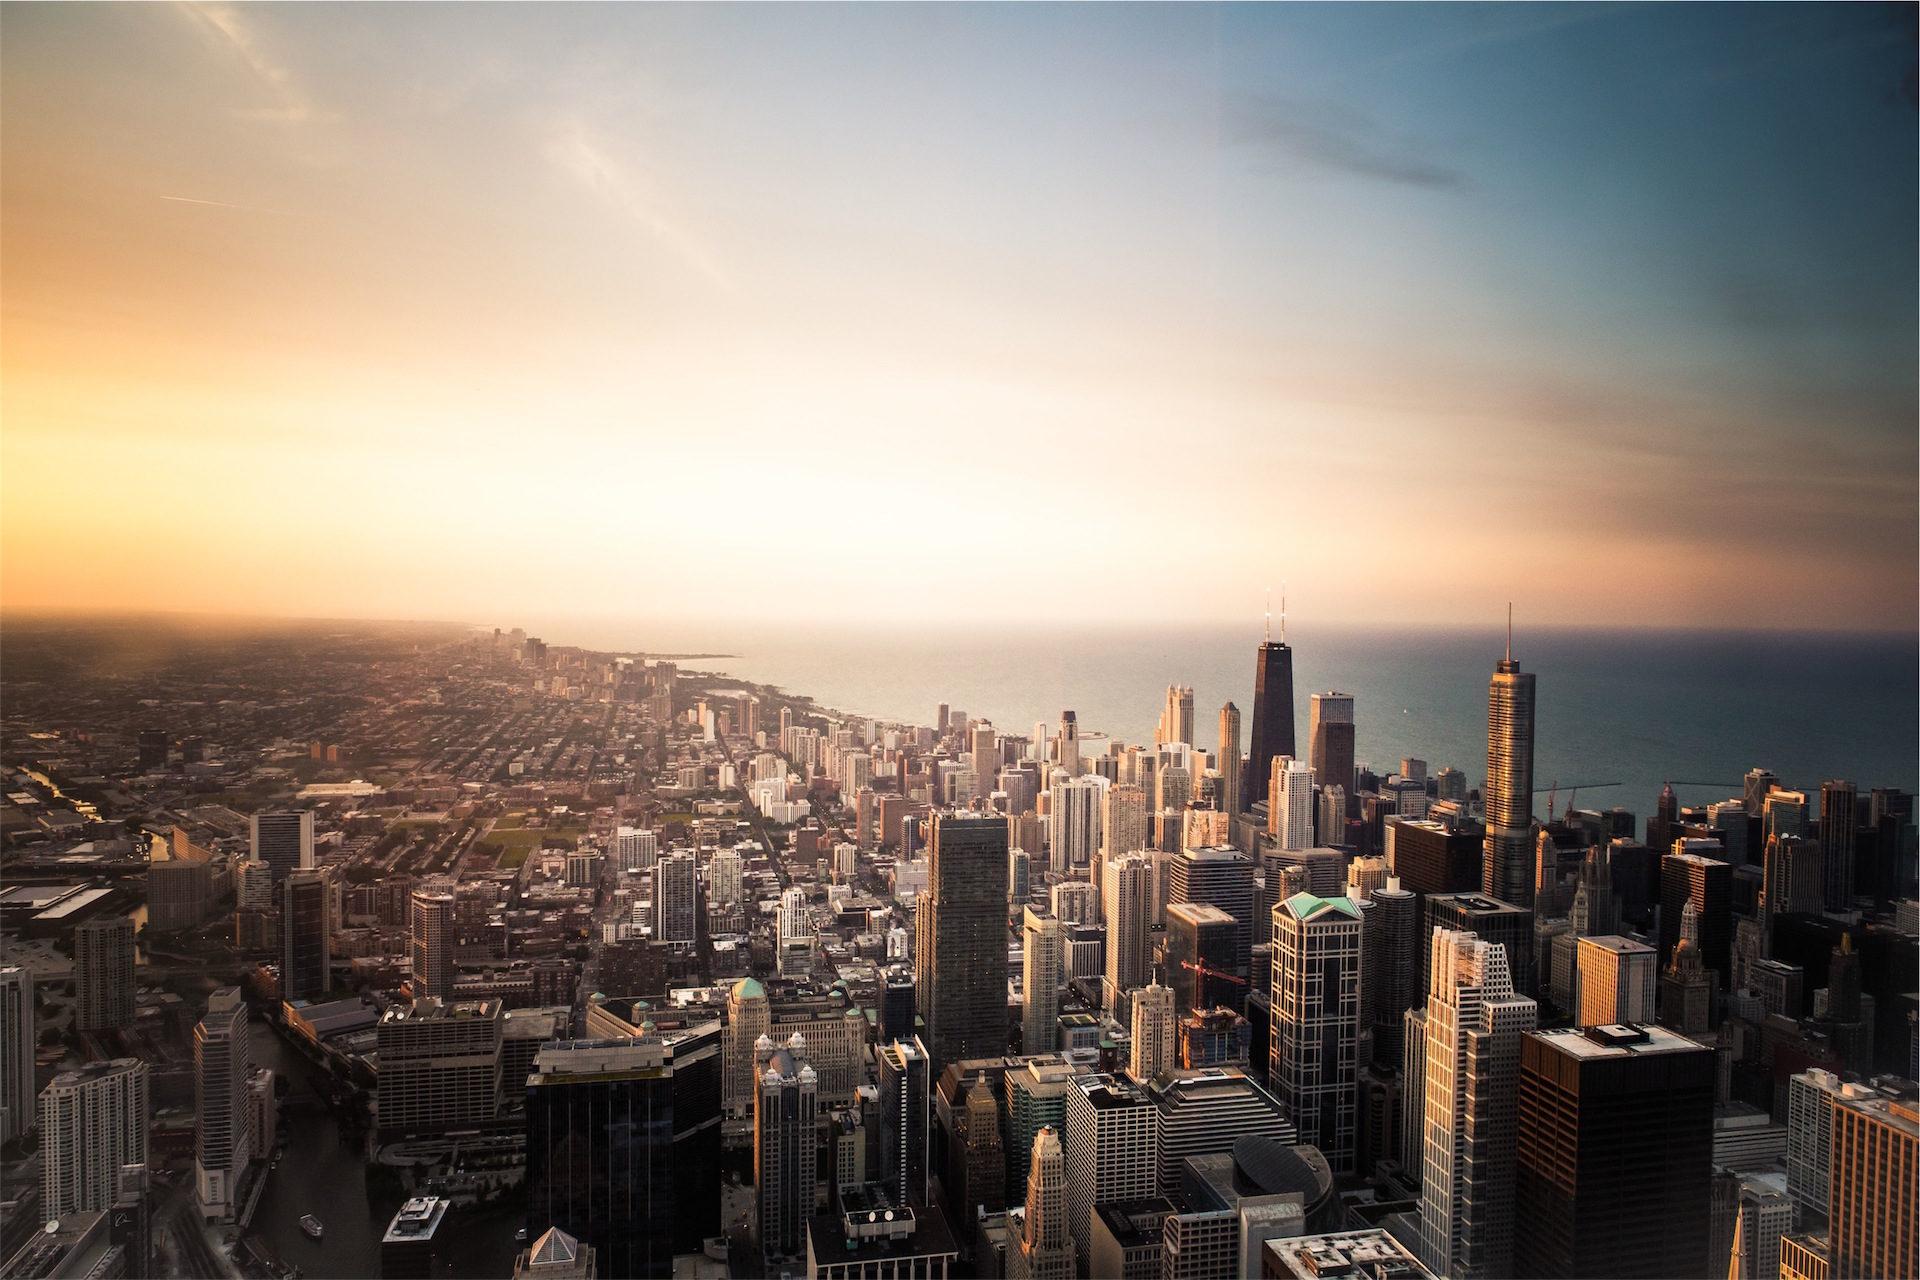 Cidade, amanhecer, Alba, Mar, arranha-céu - Papéis de parede HD - Professor-falken.com